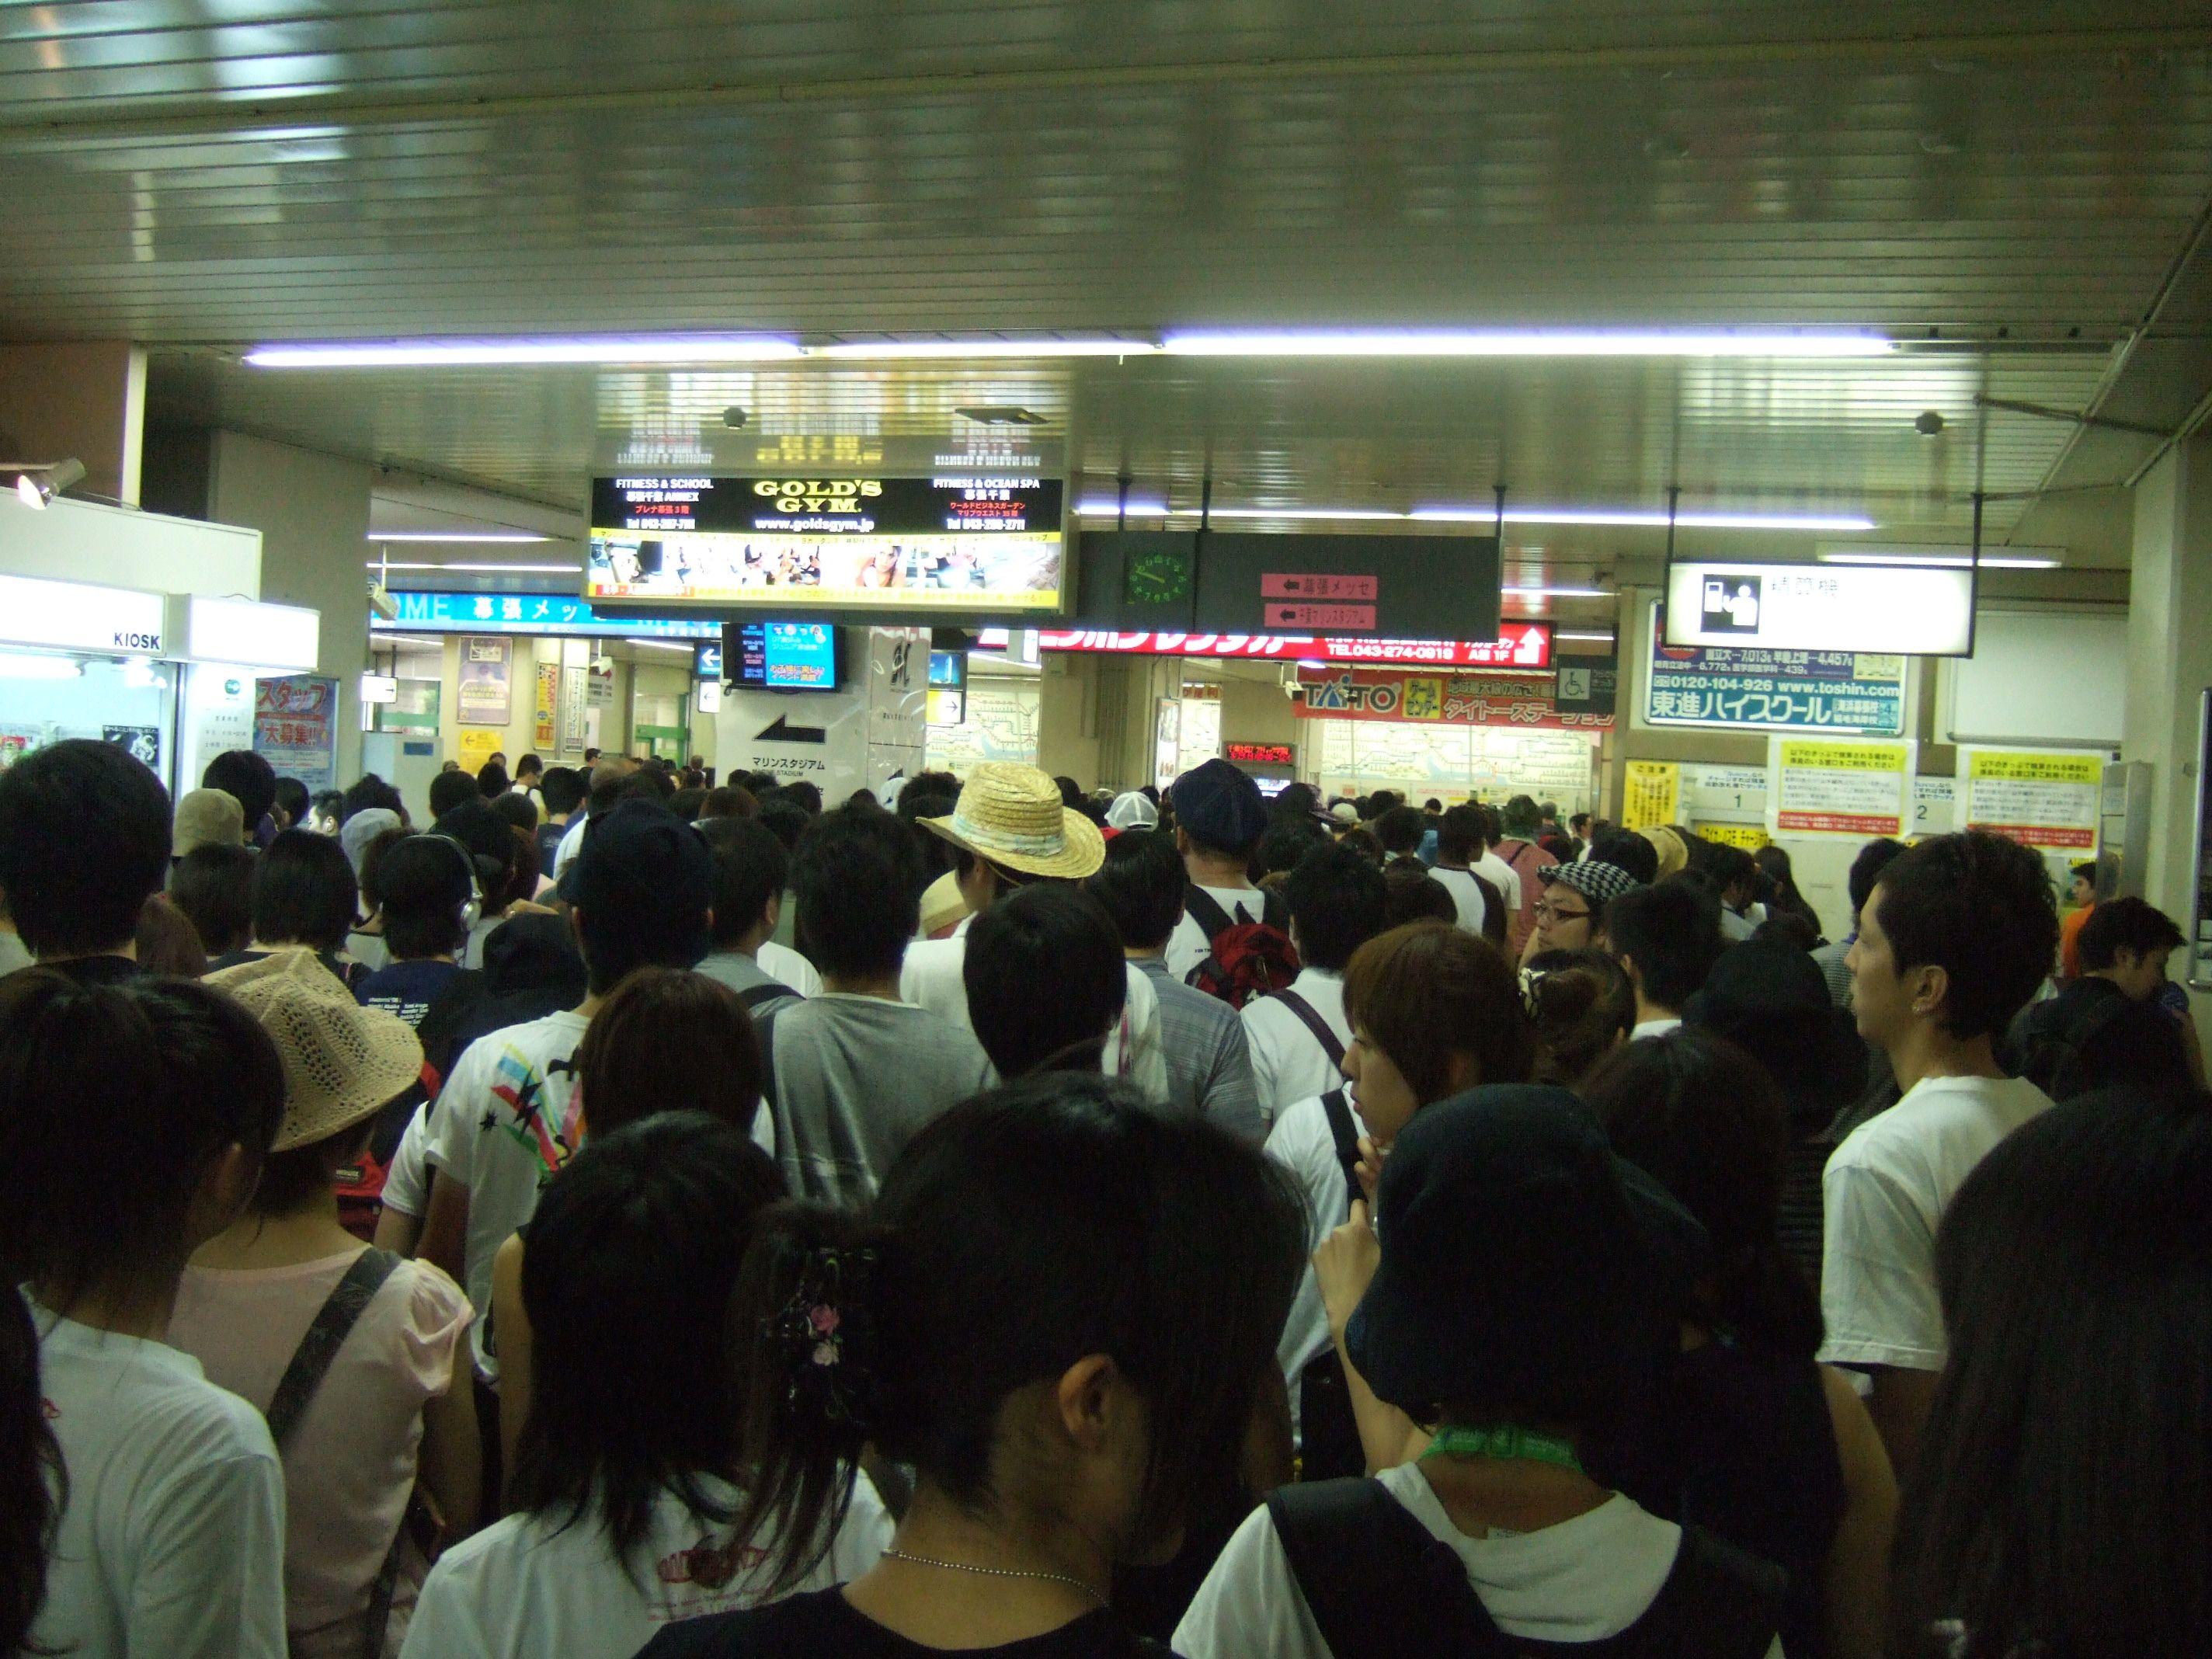 サマーソニック07(海浜幕張駅)